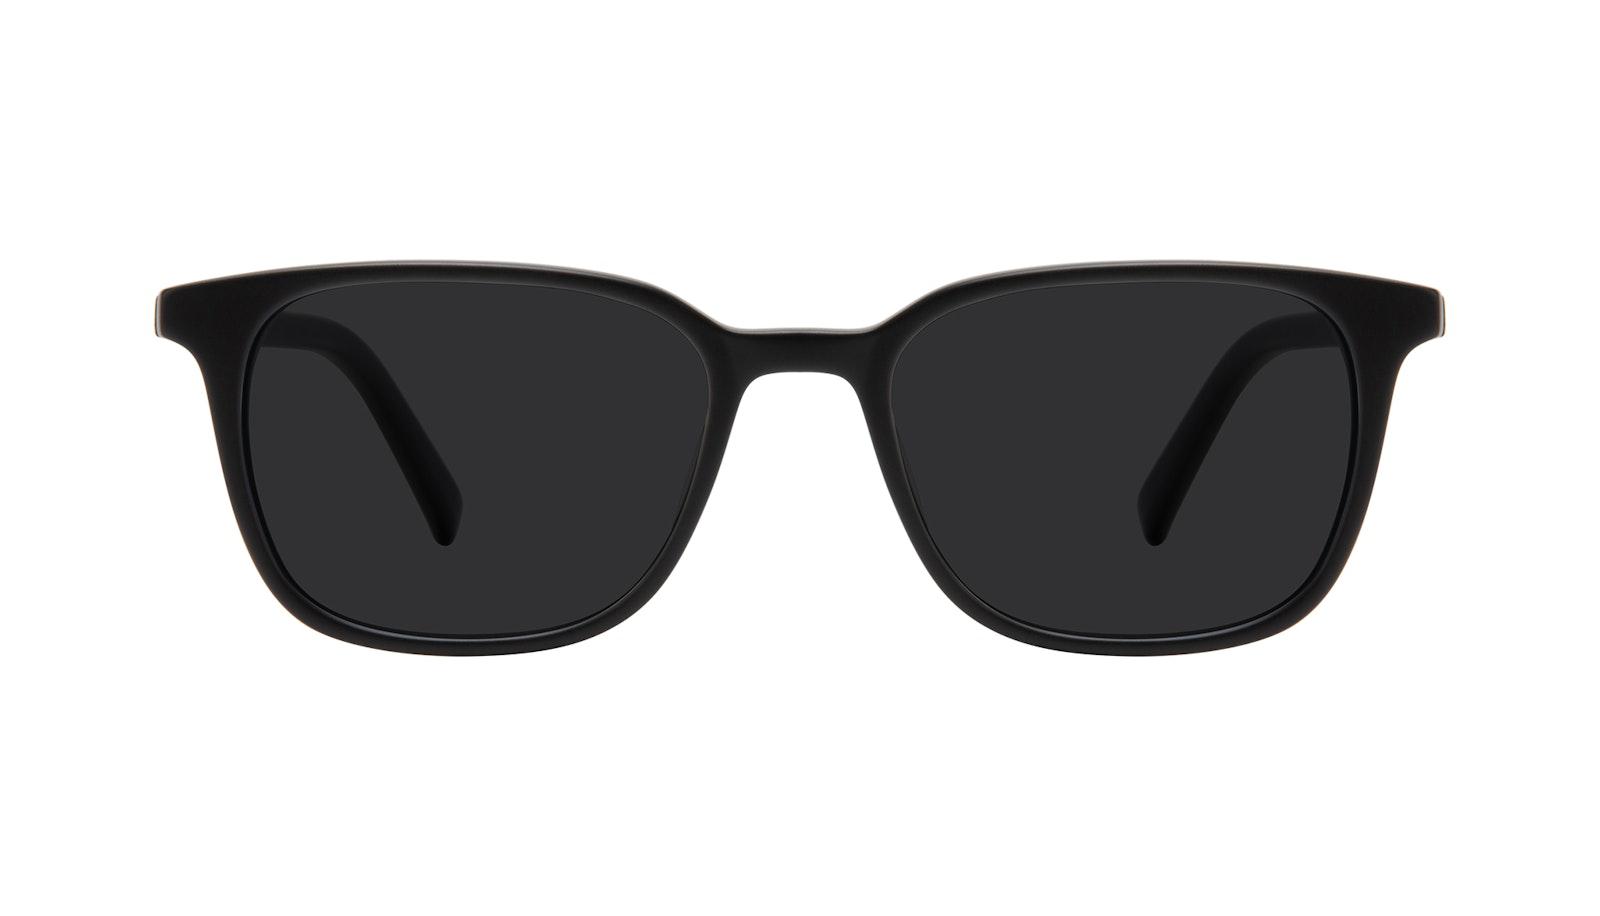 Lunettes tendance Carrée Lunettes de soleil Hommes Choice Black Matte